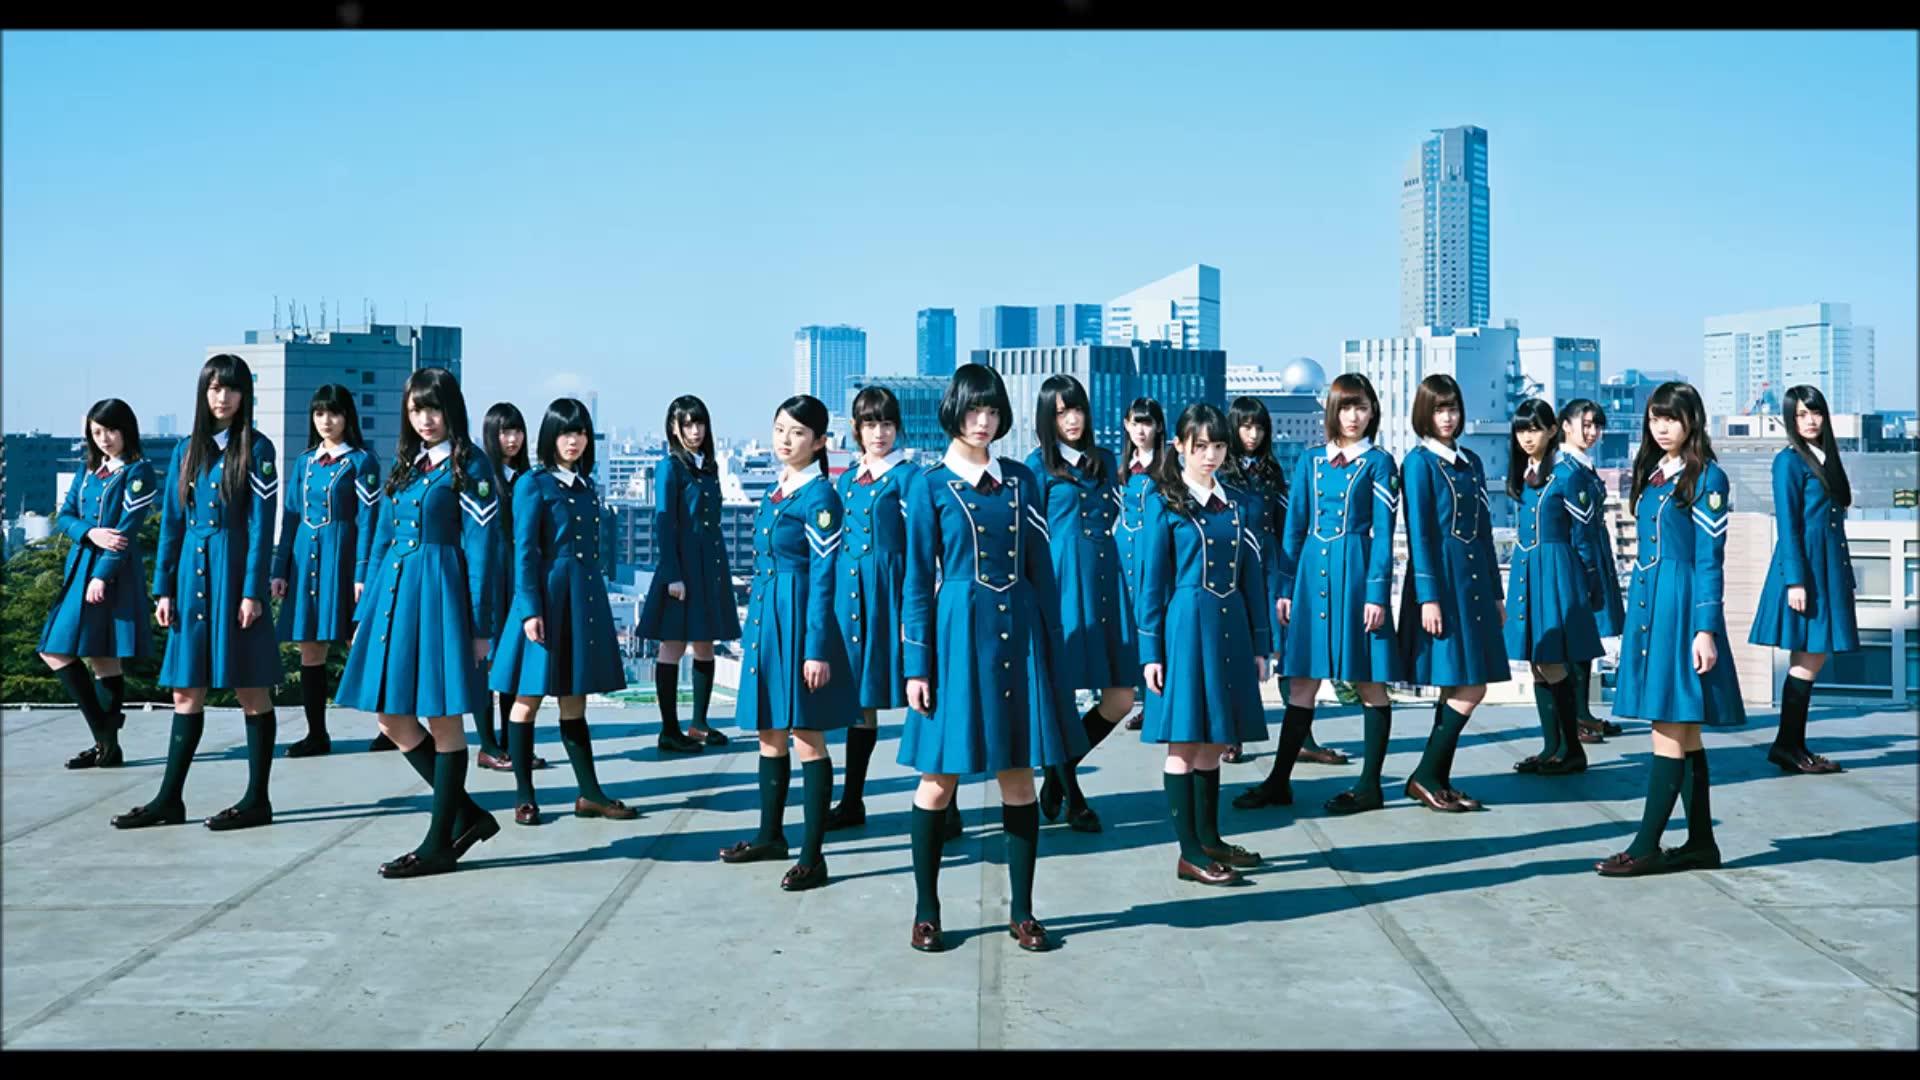 Keyakizaka46 Fukyouwaon Instrumental 欅坂46 不協和音 电影